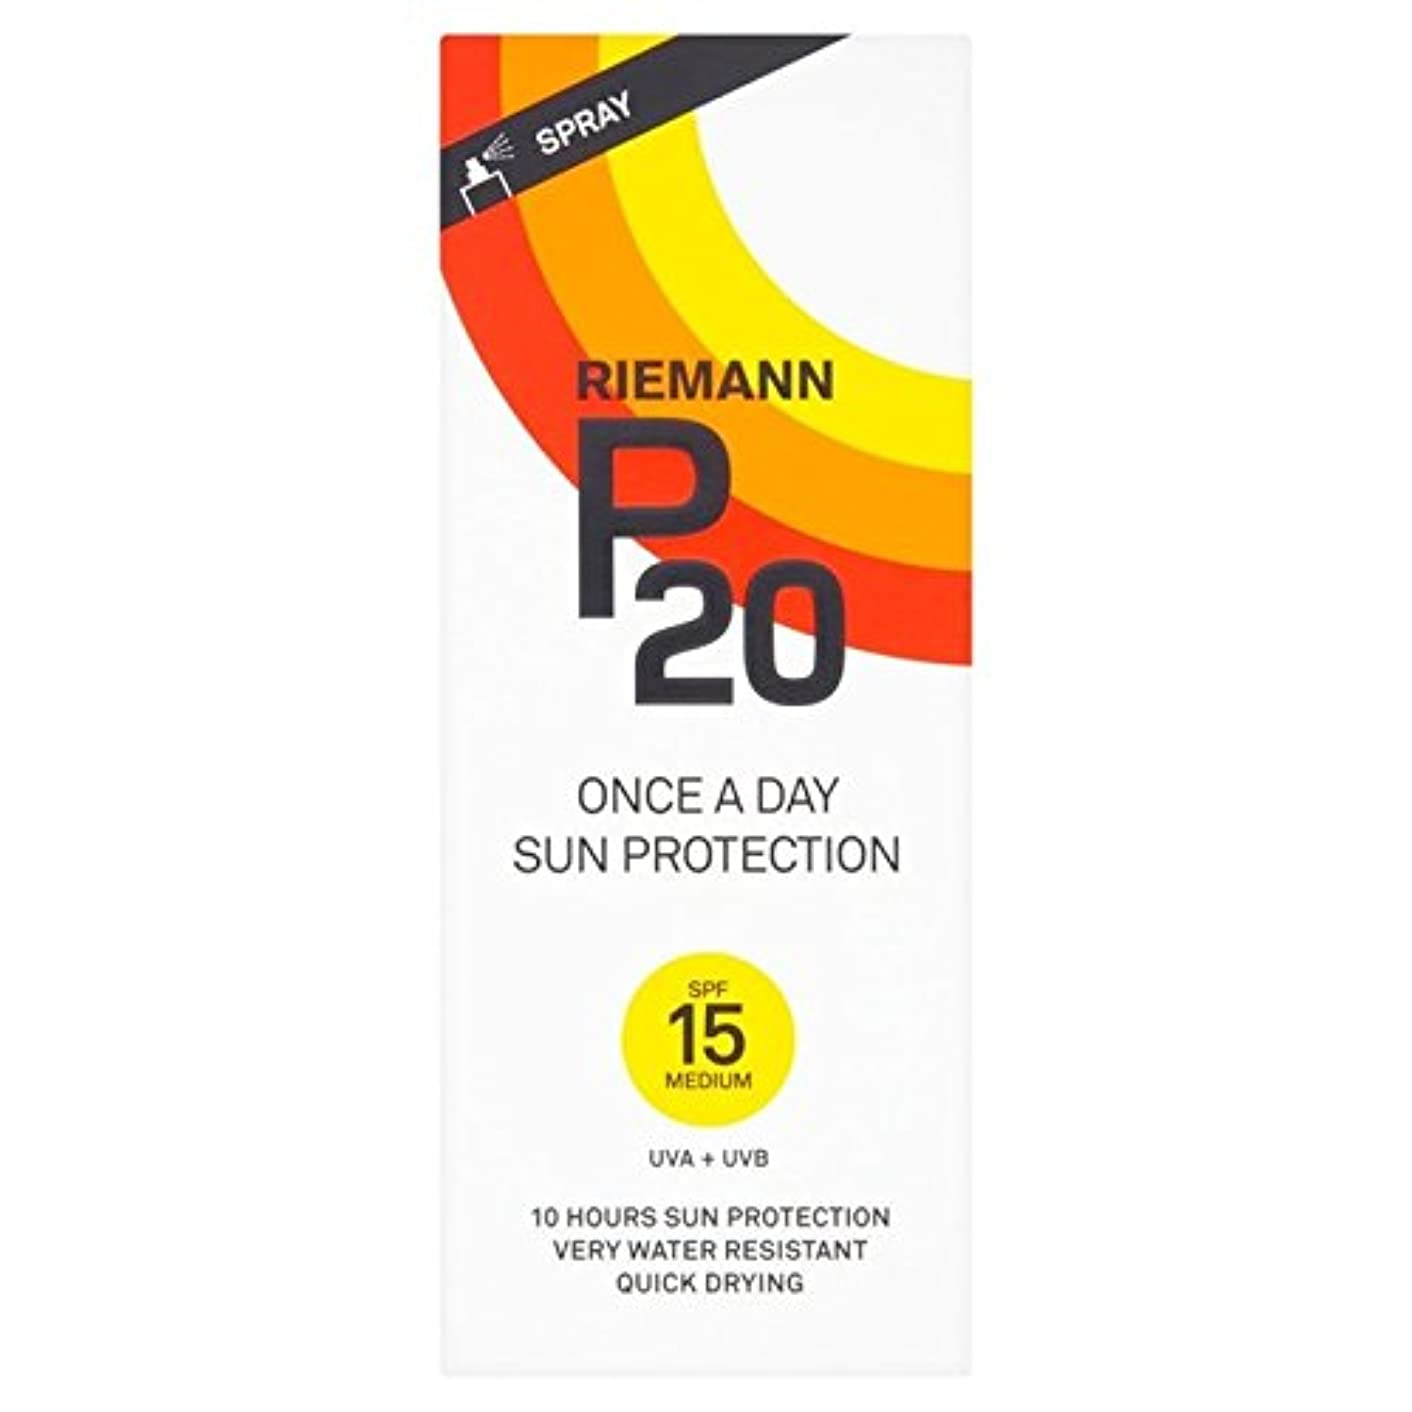 テメリティストライク近くリーマン20 15 1日/ 10時間の保護200ミリリットル x4 - Riemann P20 SPF15 1 Day/10 Hour Protection 200ml (Pack of 4) [並行輸入品]